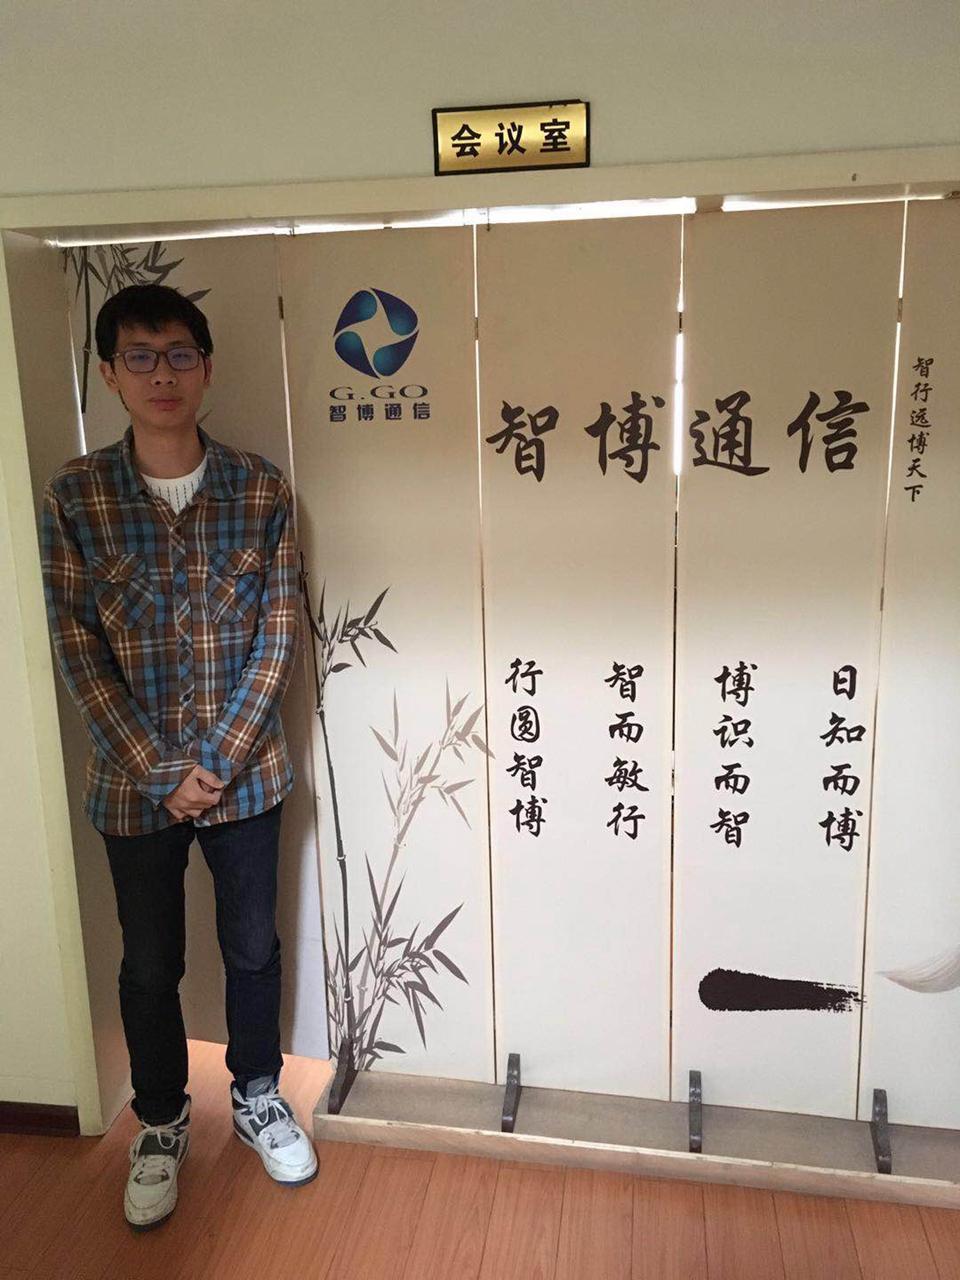 信息人:许得洋,天津市智博通信工程有限责任公司